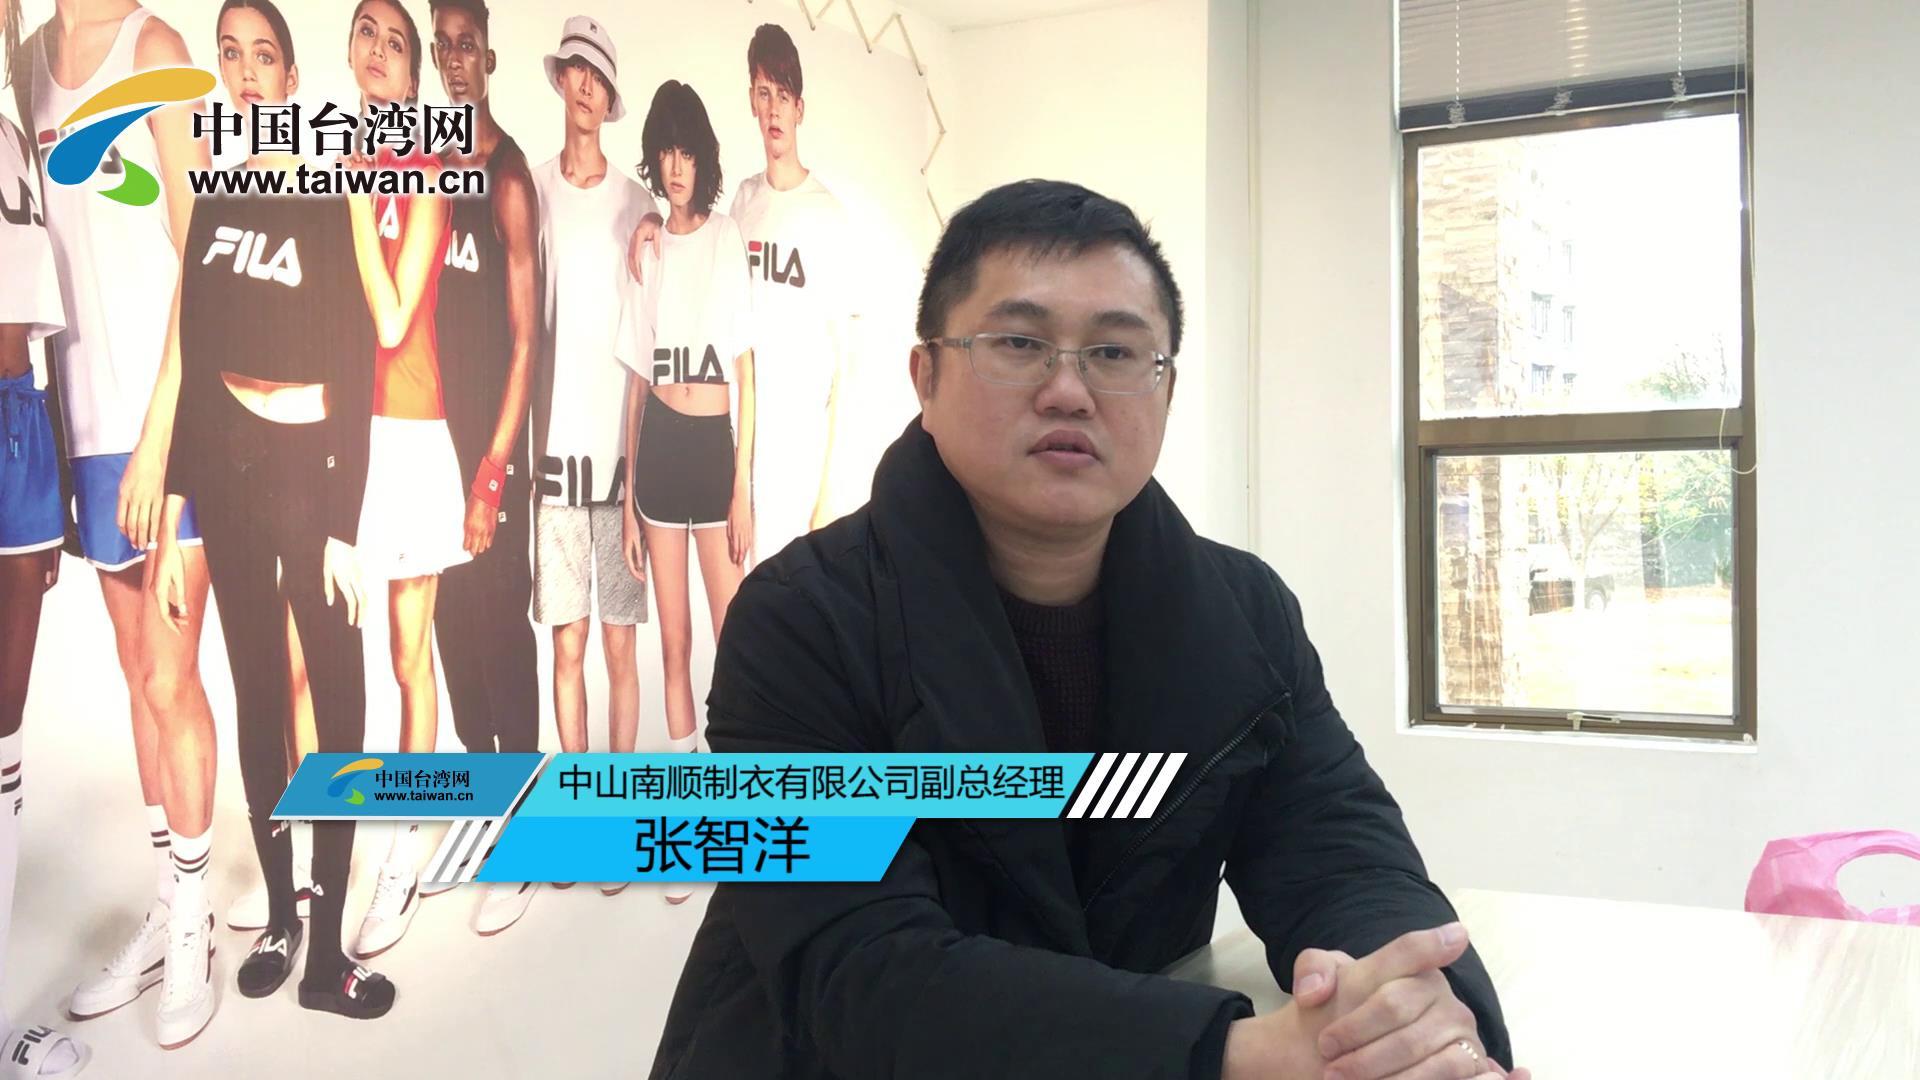 臺商張智洋:惠臺措施為我的工作、生活都提供了幫助圖片